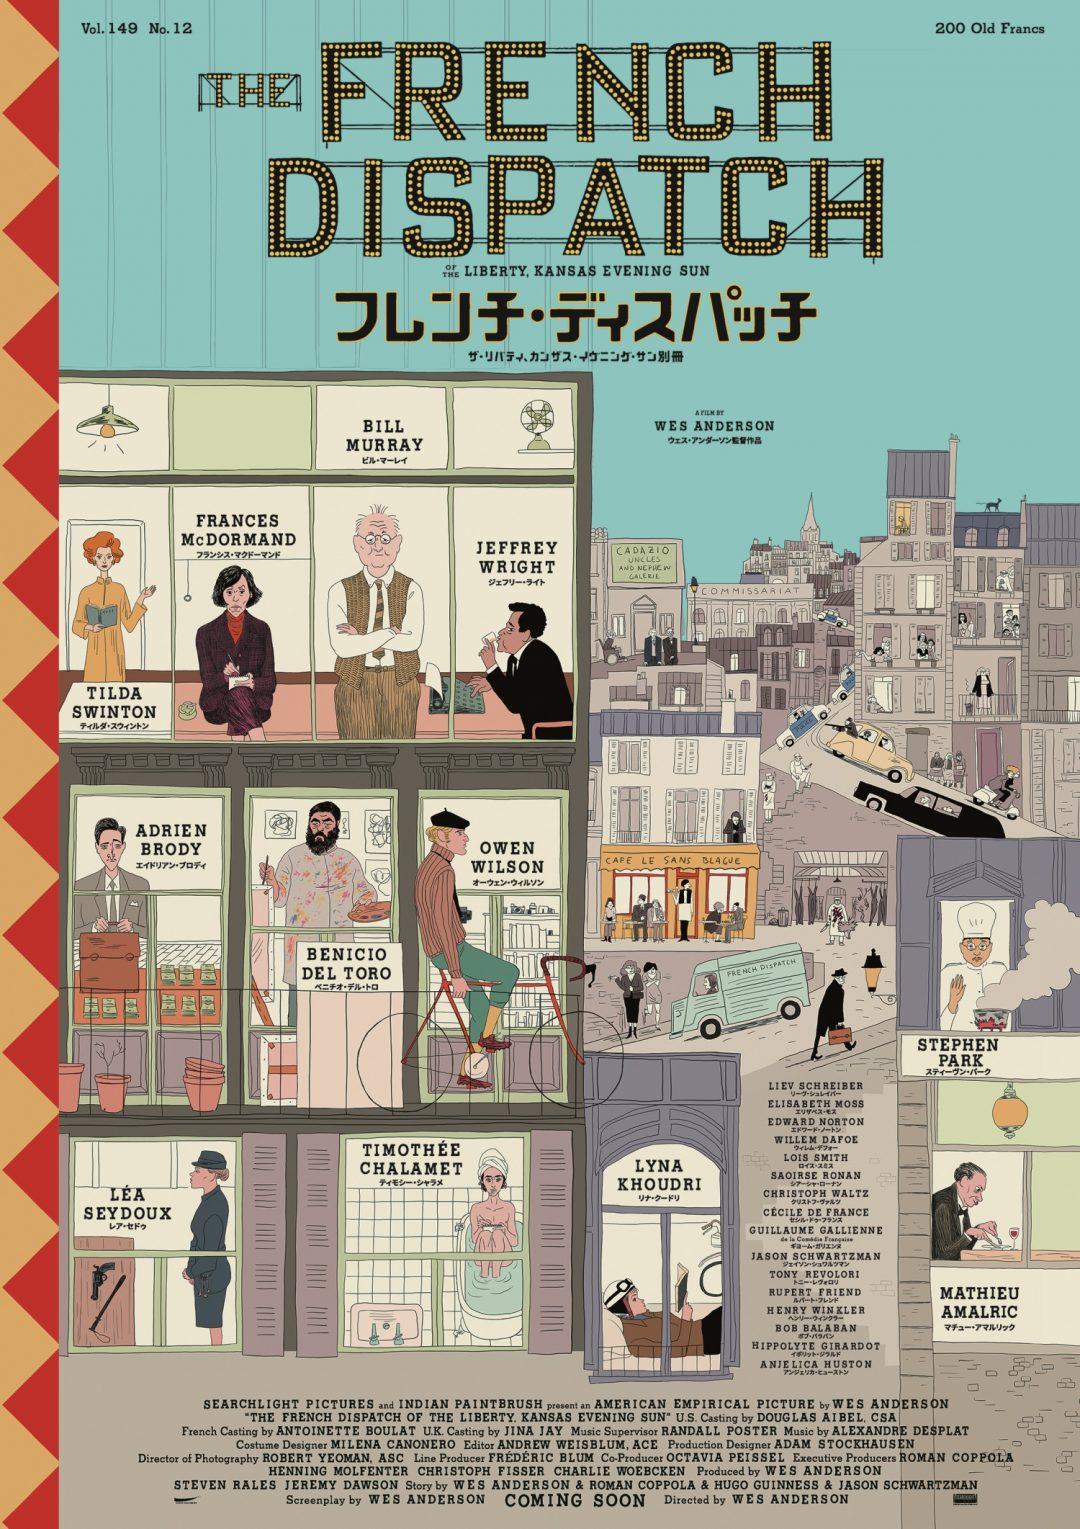 ウェス・アンダーソン監督 最新作『フレンチ・ディスパッチ』日本公開決定!